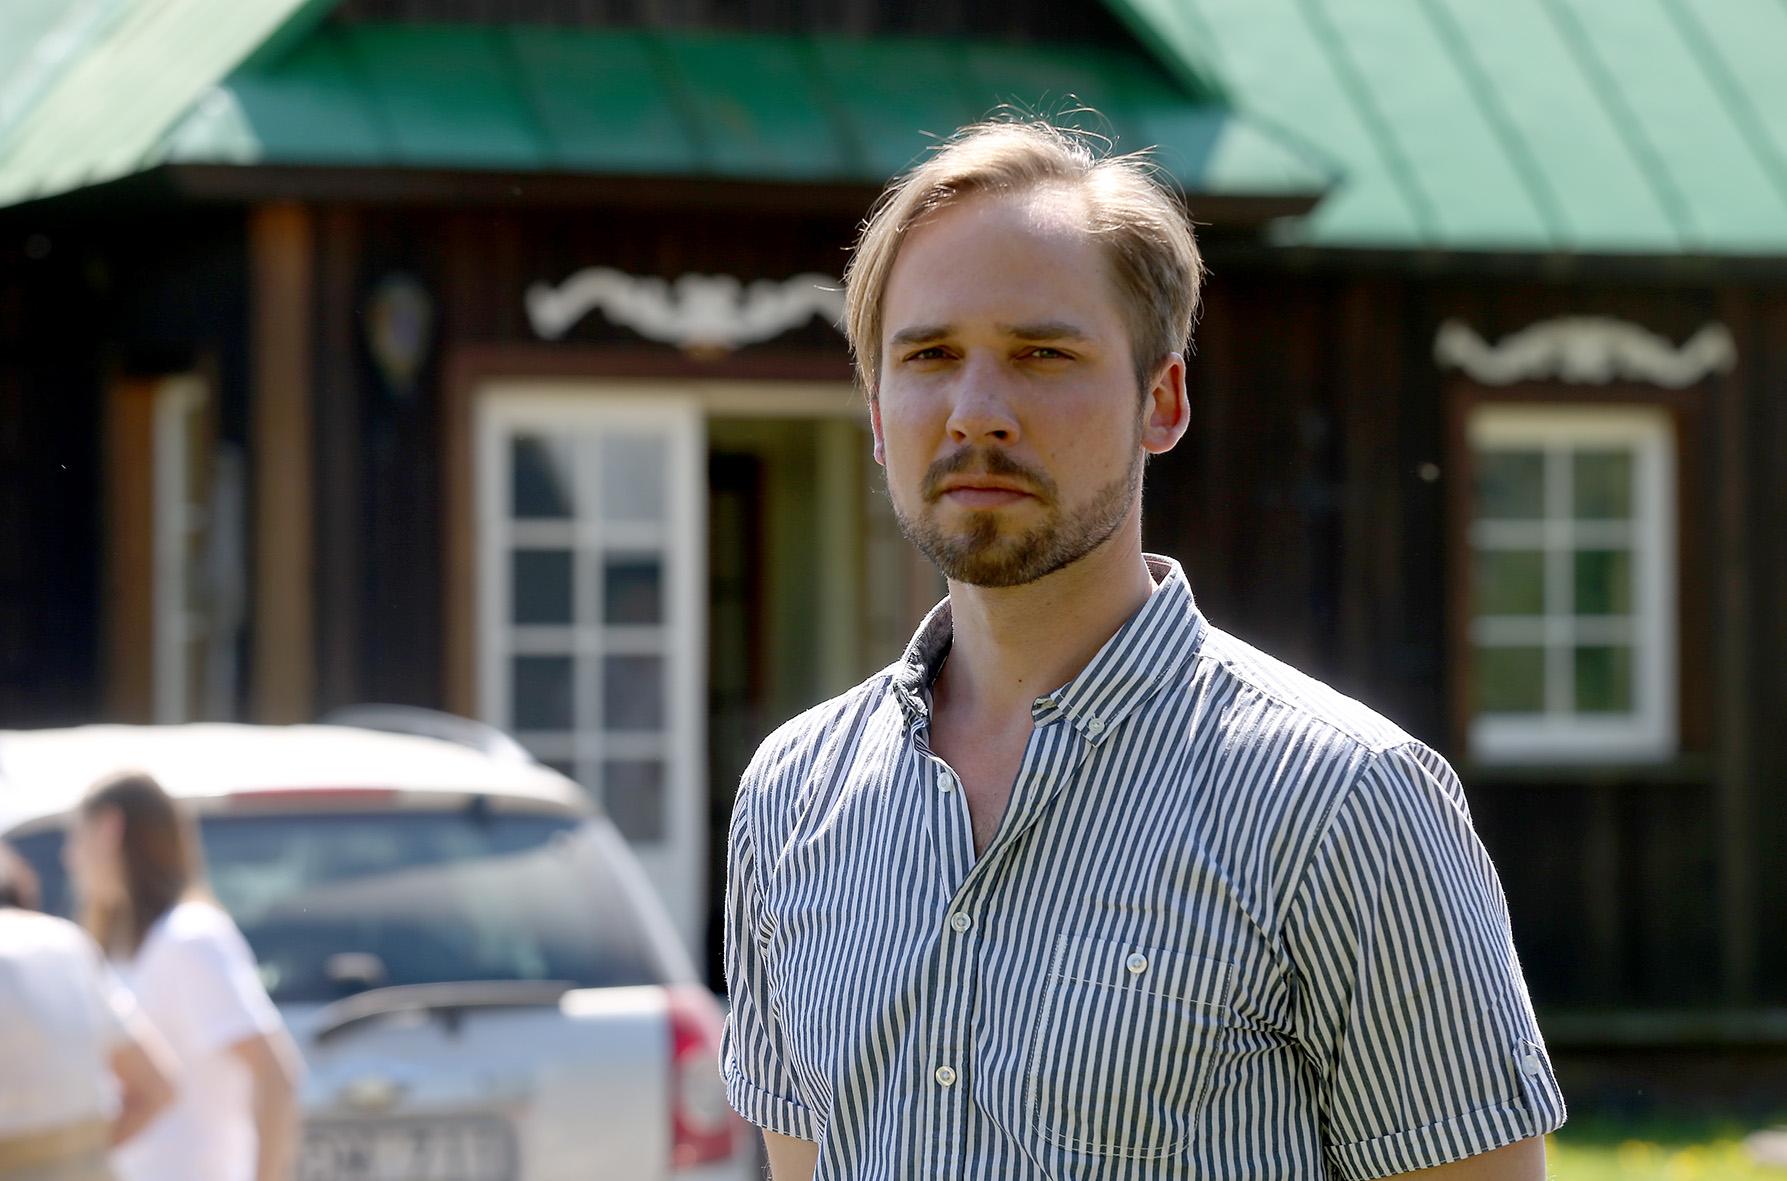 Operos solistui Jonui Sakalauskui yra tekę koncertuoti ir stebuklinga aura pulsuojančioje Paberžėje./ Algimanto Barzdžiaus nuotr.